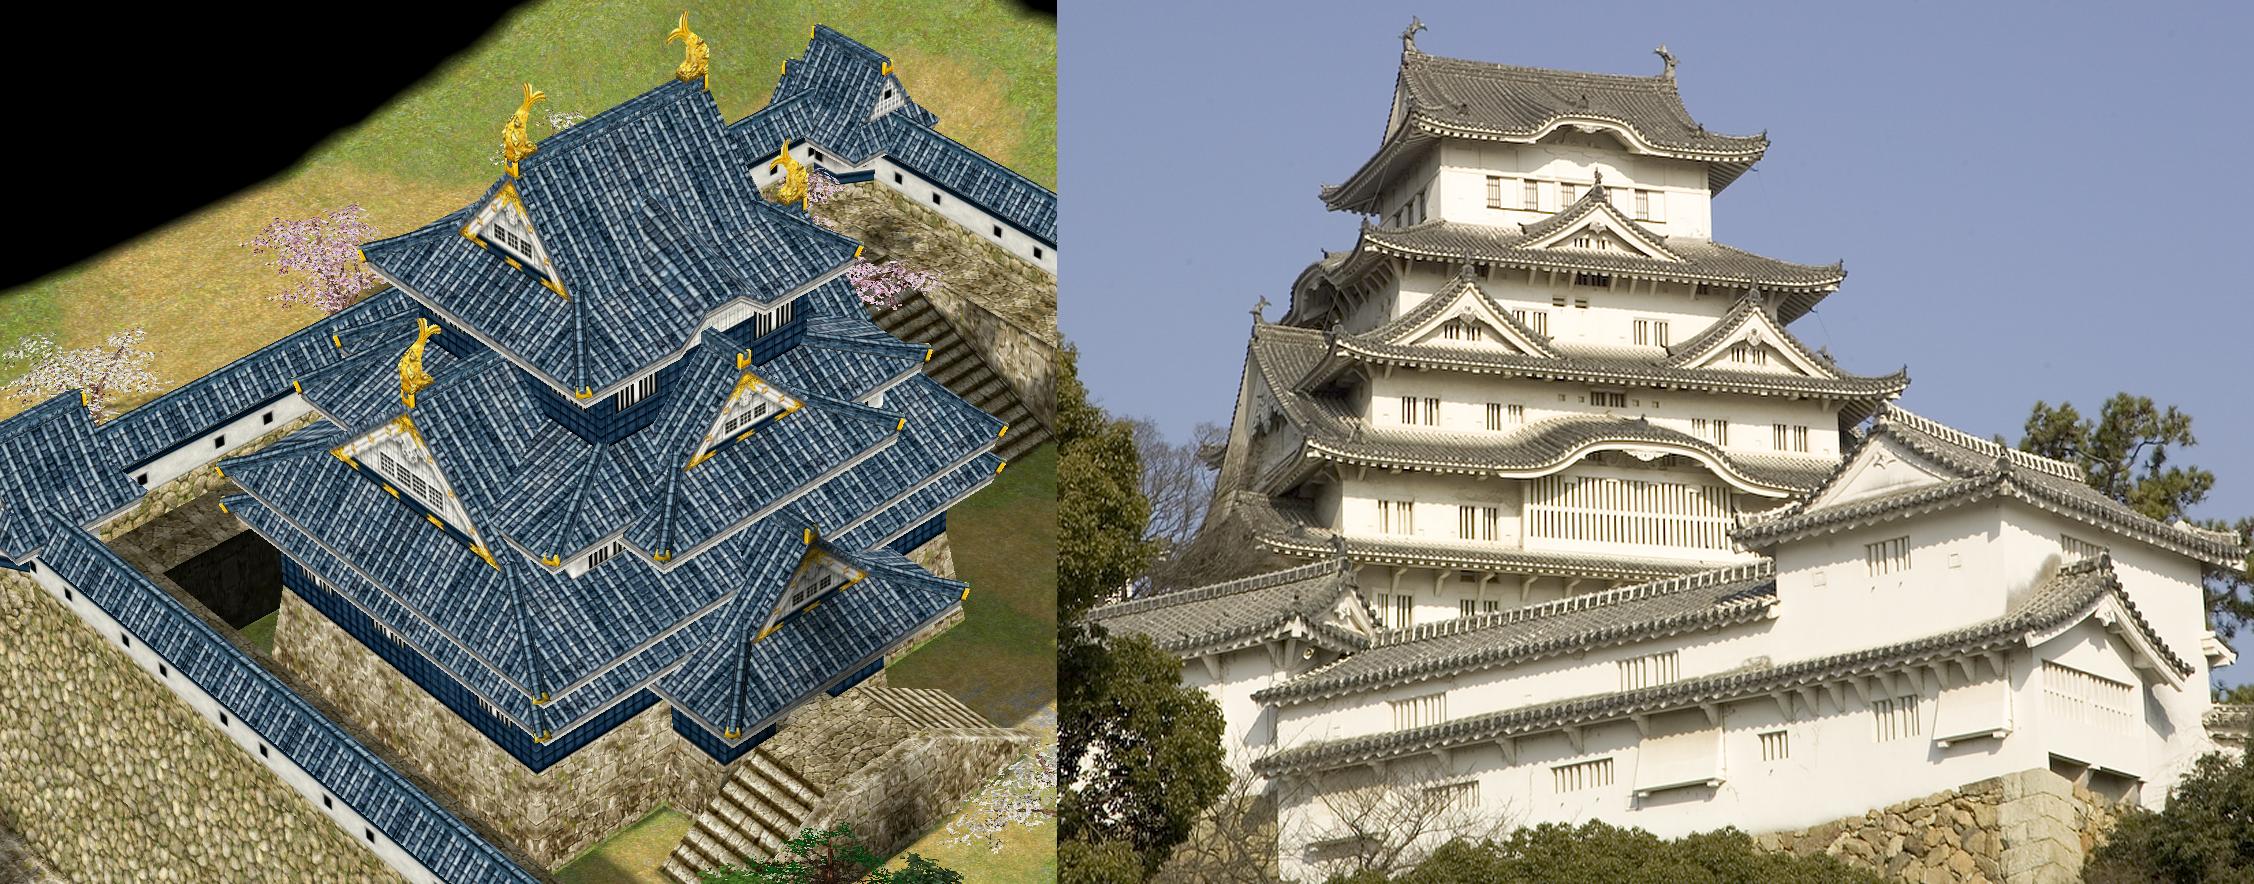 amatsu_castle___himeji_castle_by_xuandu-